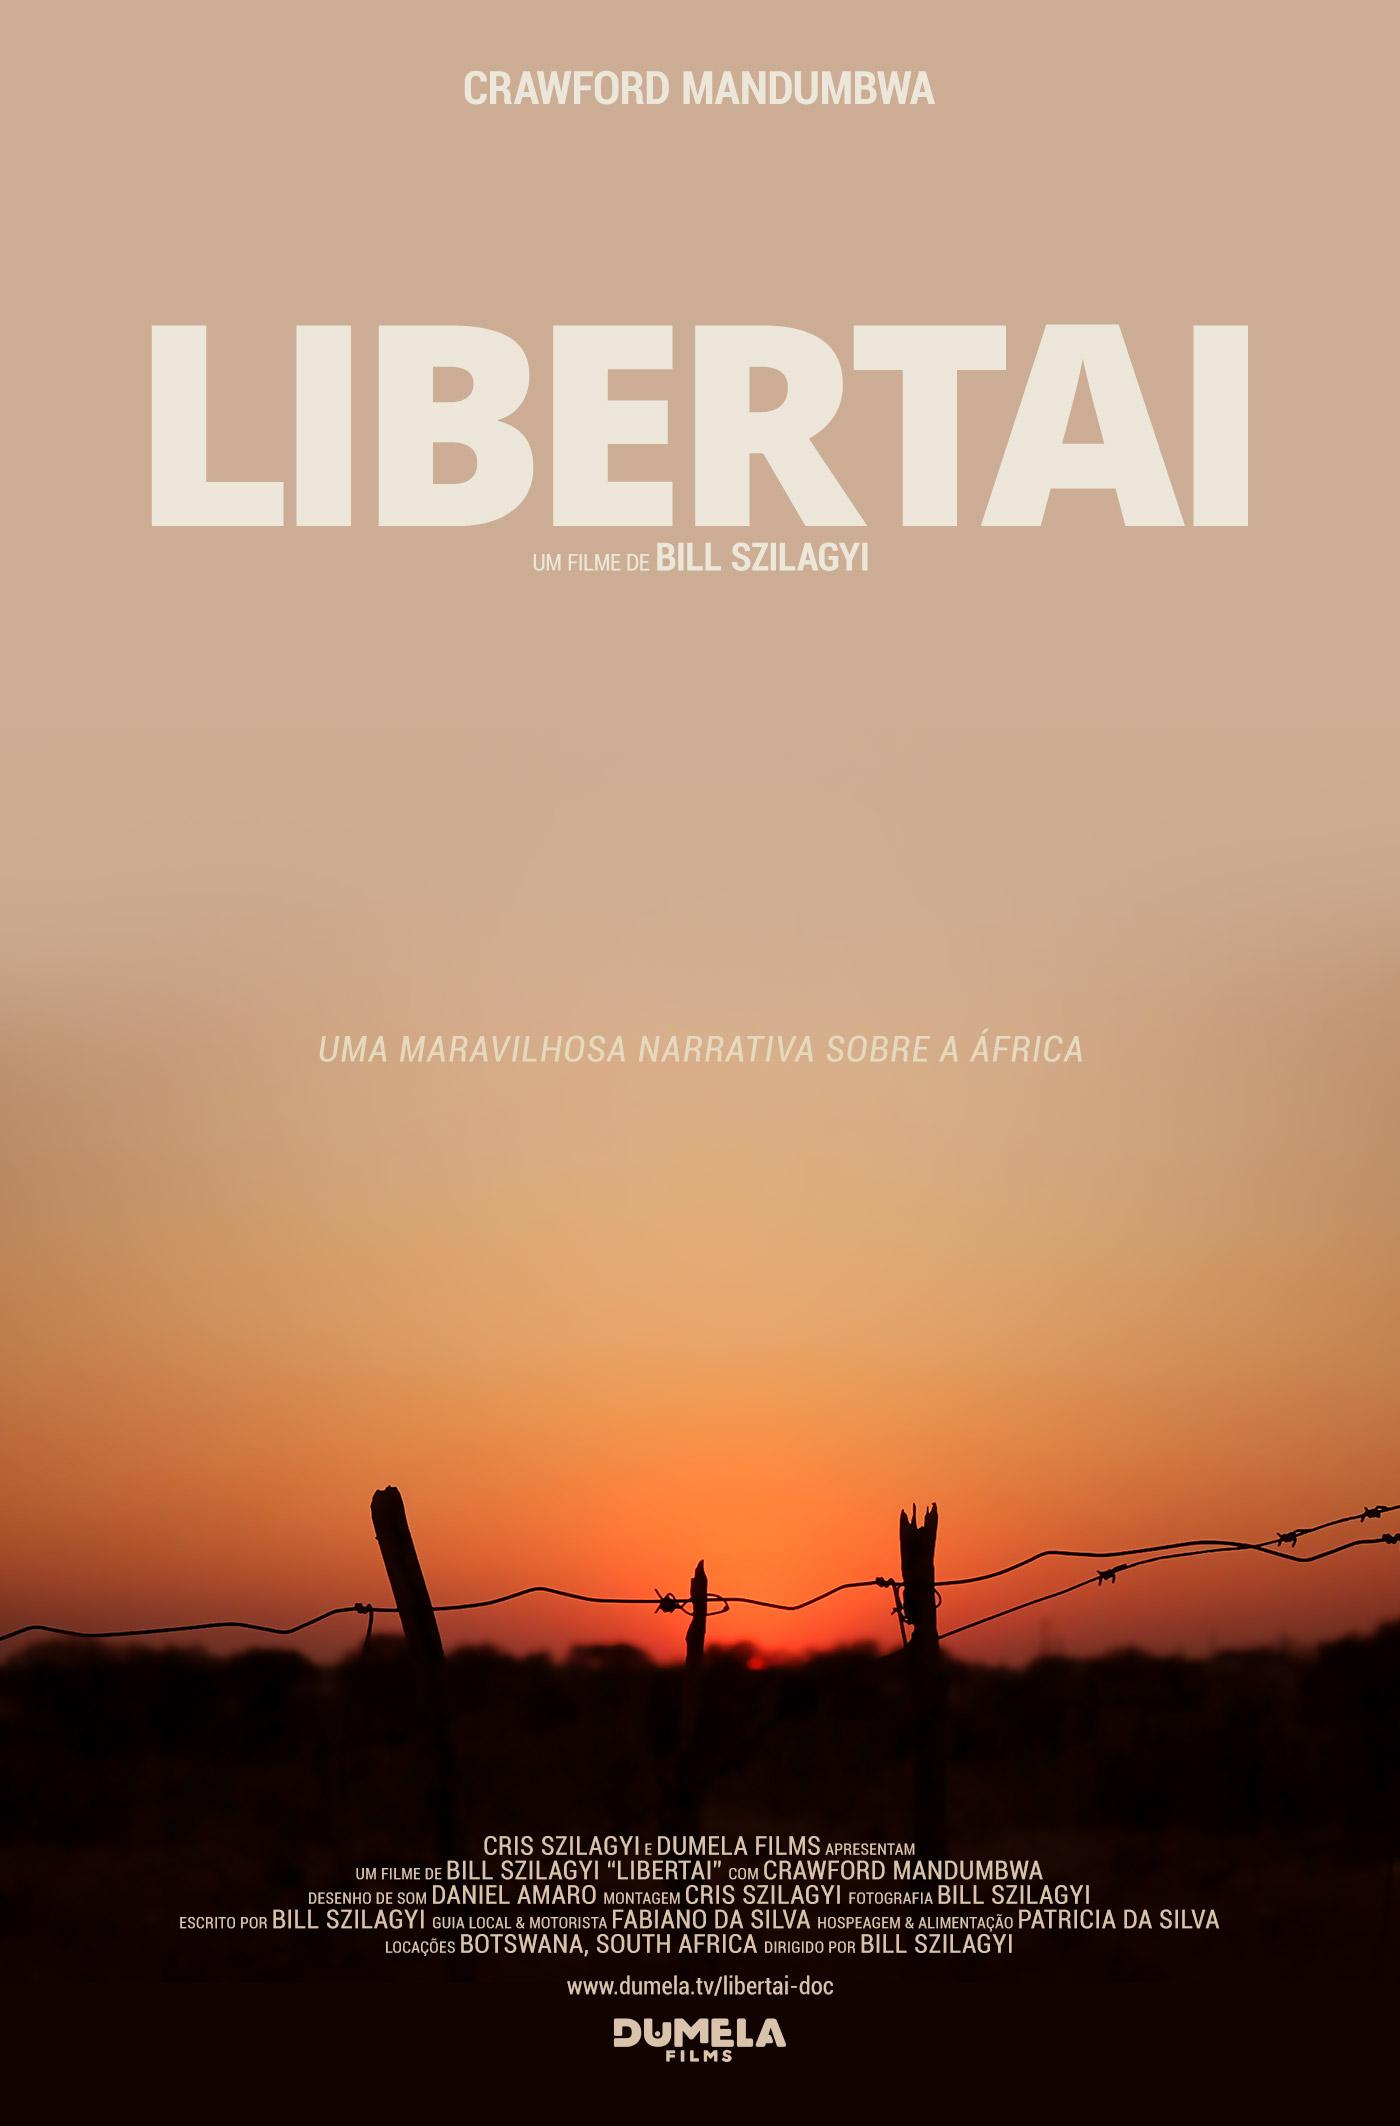 LIBERTAI poster pt br low jpg - Libertai (curta metragem)